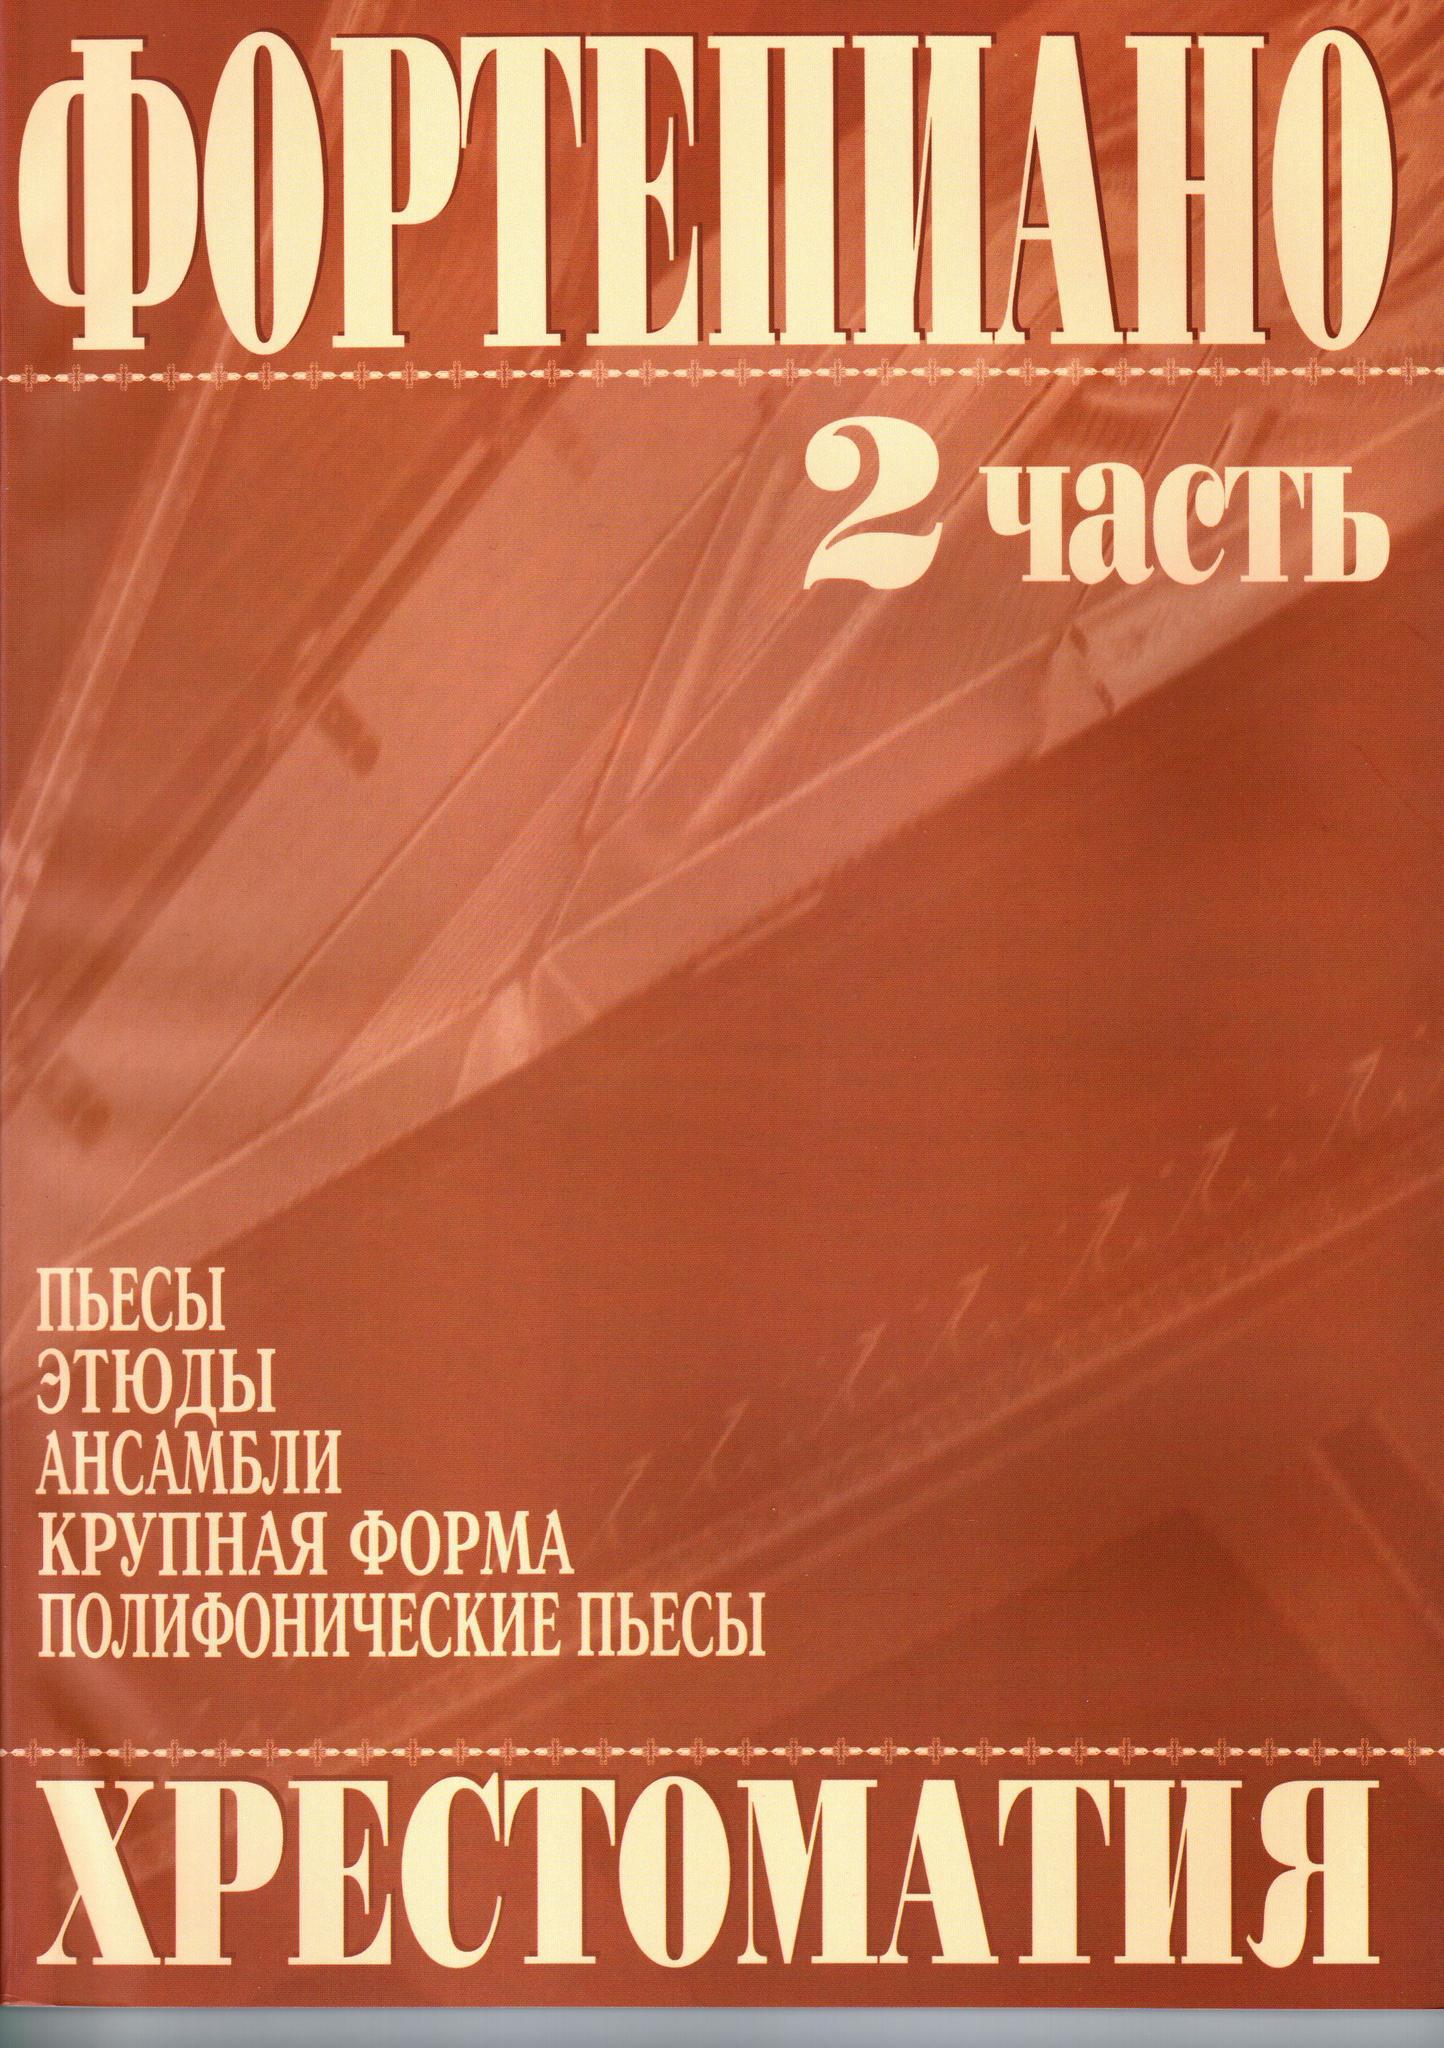 Григоренко В. Фортепиано. Хрестоматия 2 часть. (Пьесы, этюды, ансамбли, крупная форма, полифонически